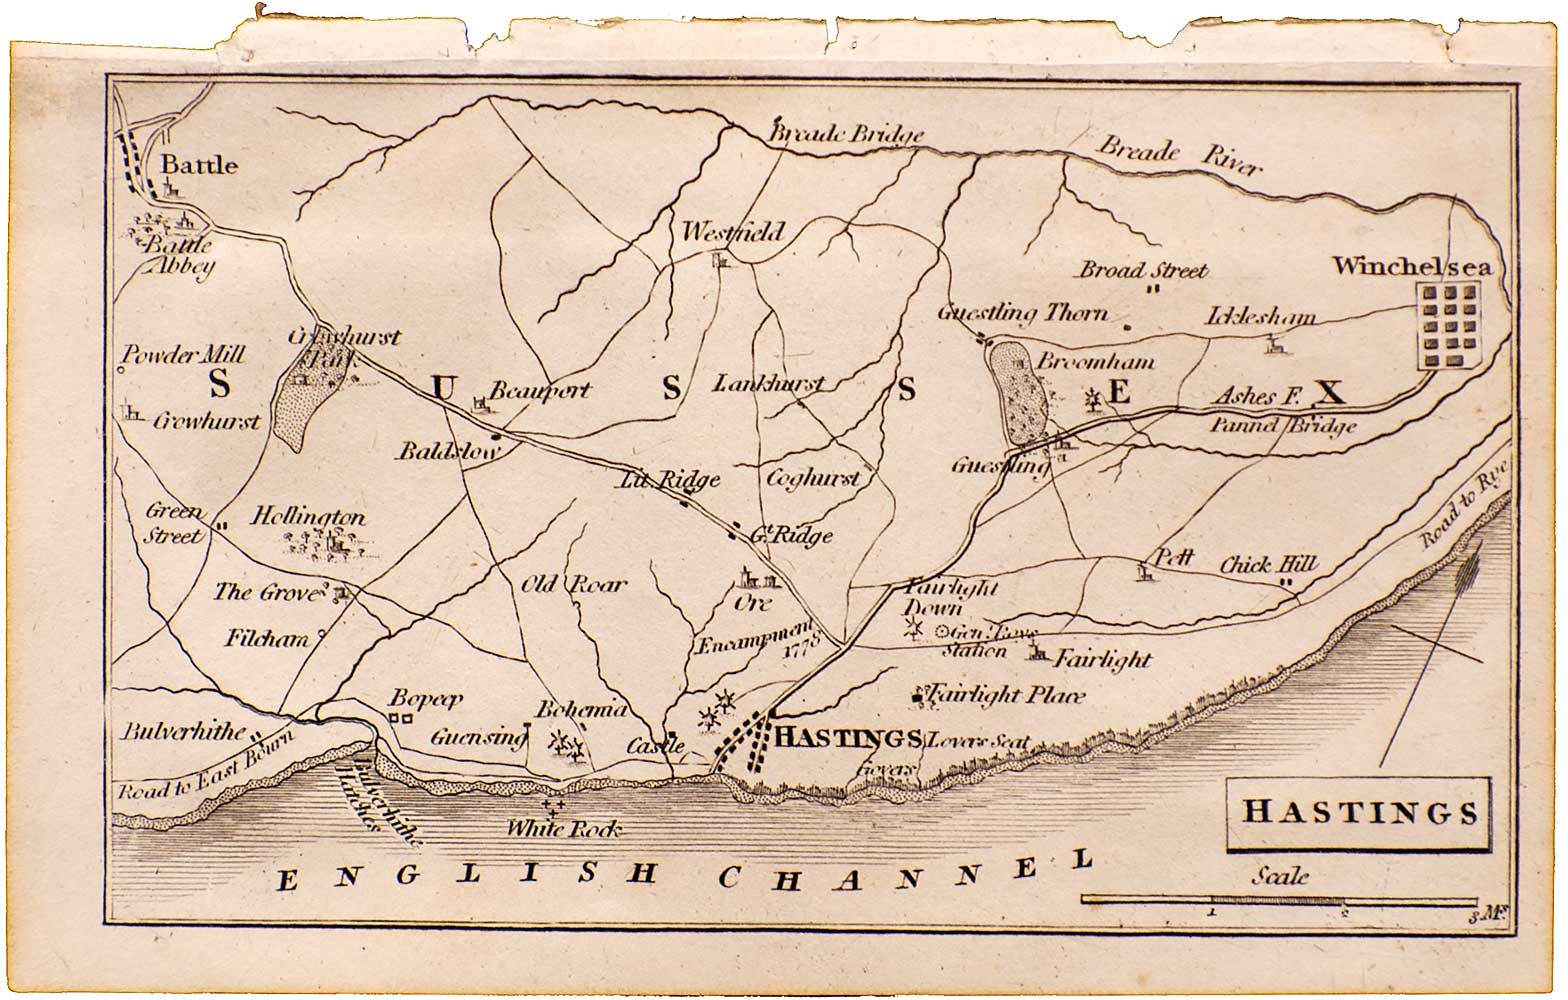 Hastings Miniature Map